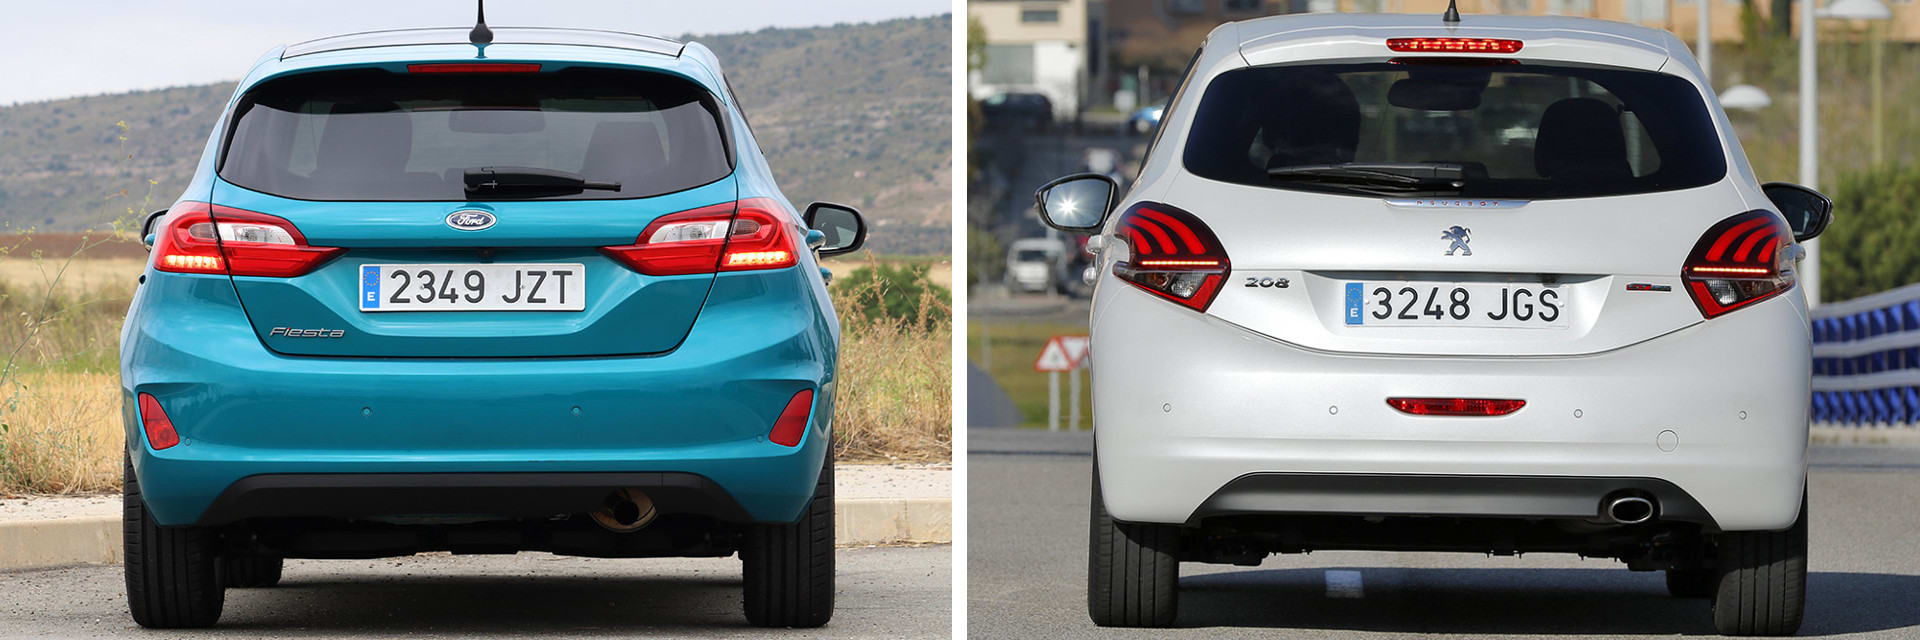 La luz de freno del Ford Fiesta cambia de intensidad dependiendo de la presión que se ejerza sobre el pedal, algo que no sucede en el Peugeot.